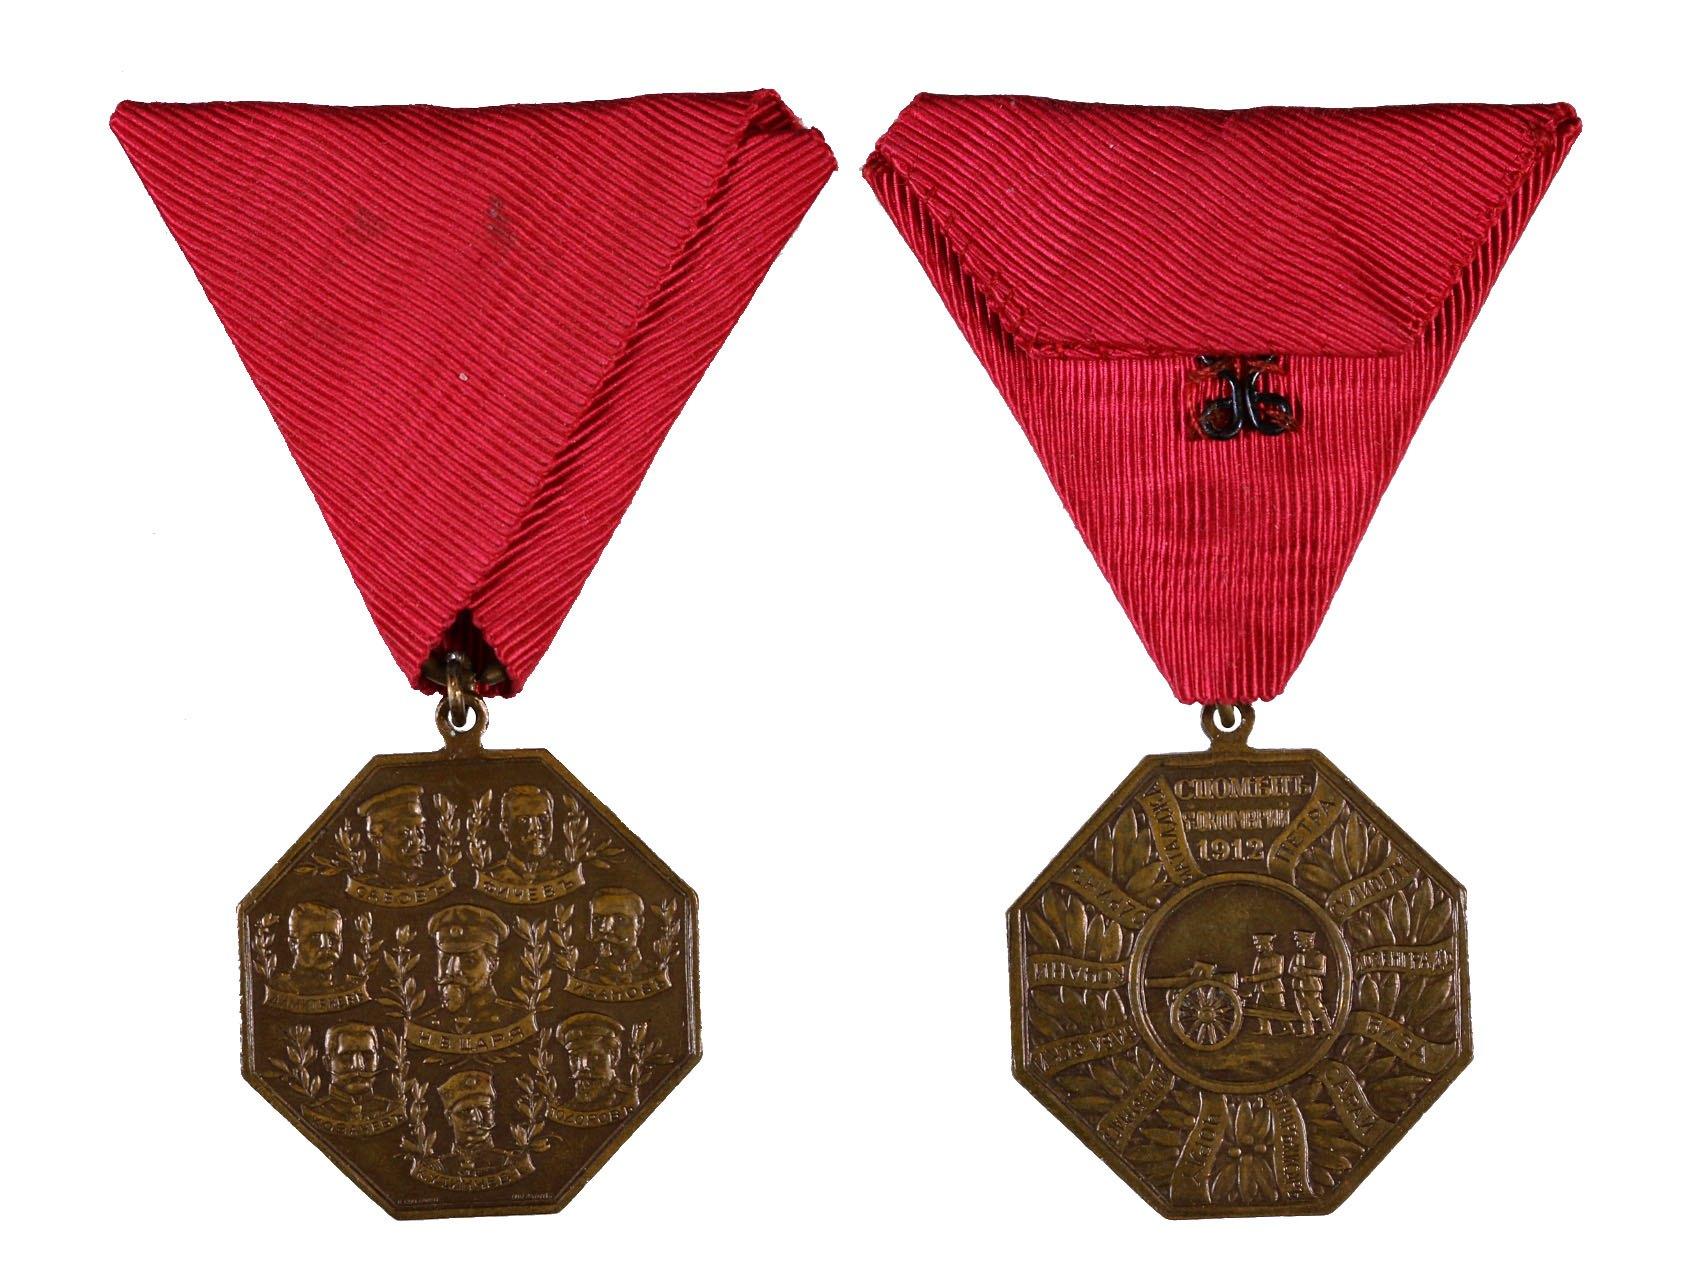 Pamětní medaile na účast Bulharska v Balkánských válkách 1912-13, bronz